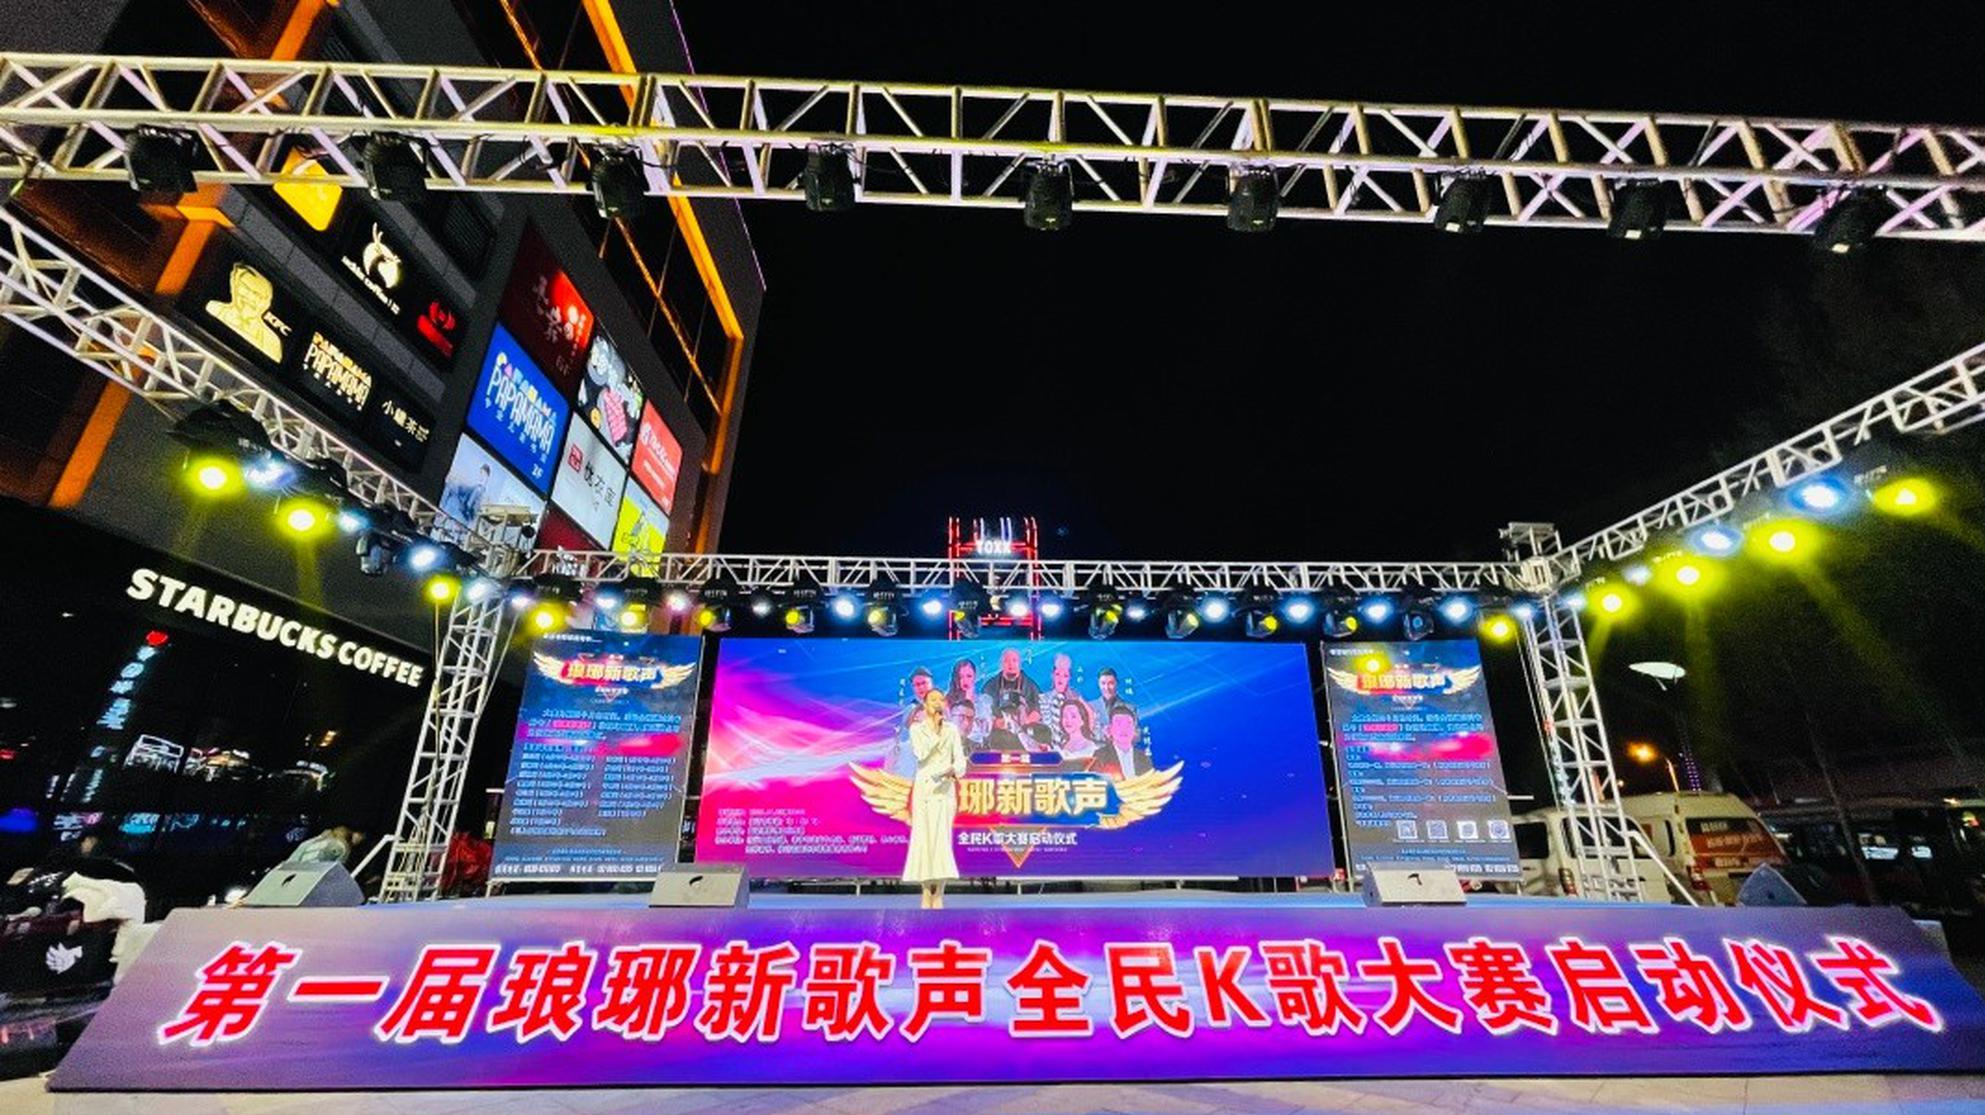 《琅琊新歌声》全民K歌大赛在临沂启动